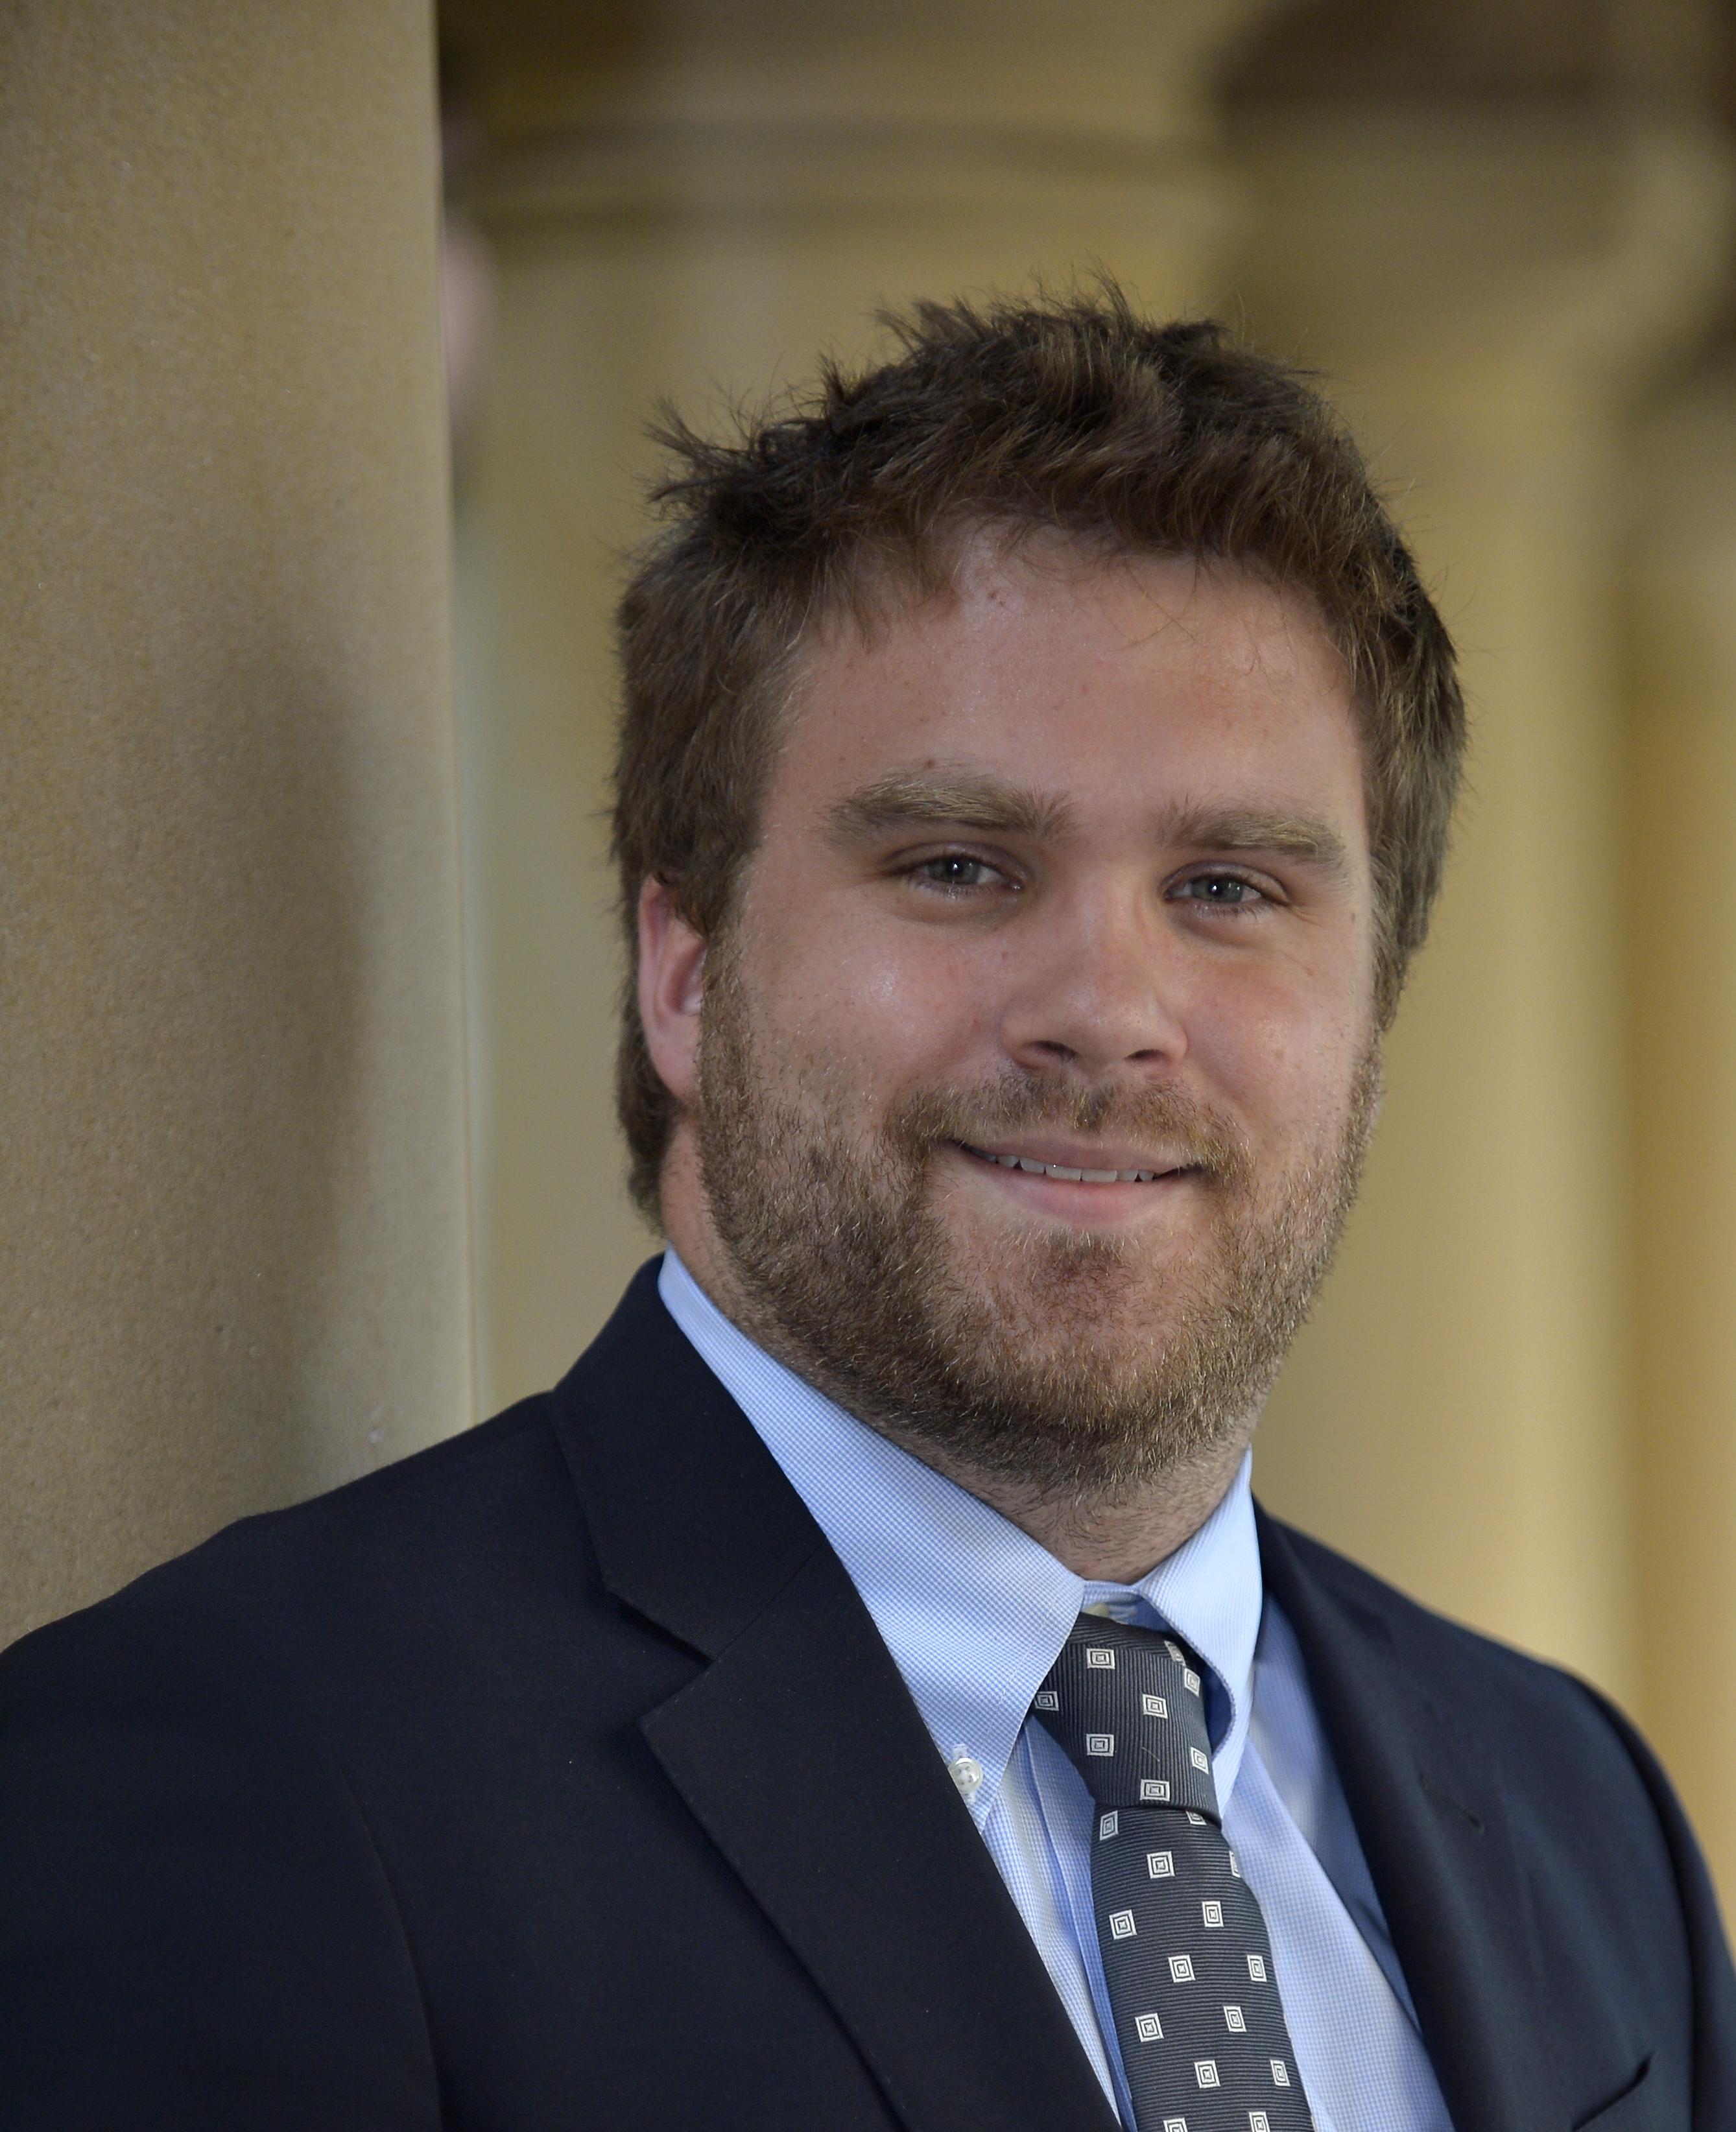 Nick Watts